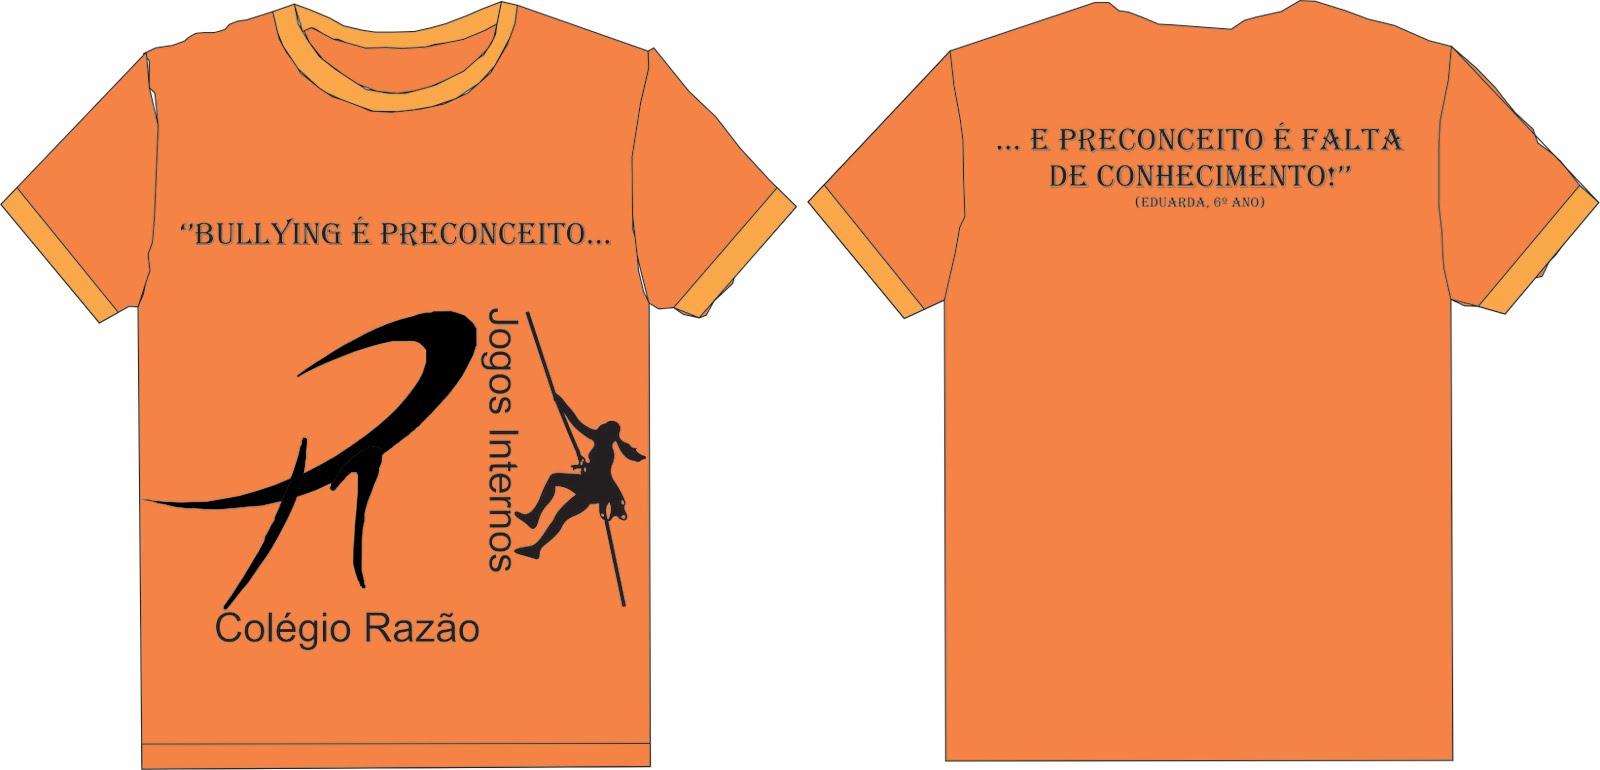 85d524fef2 Colégio Razão  Camisetas dos Jogos Internos do Colégio Razão